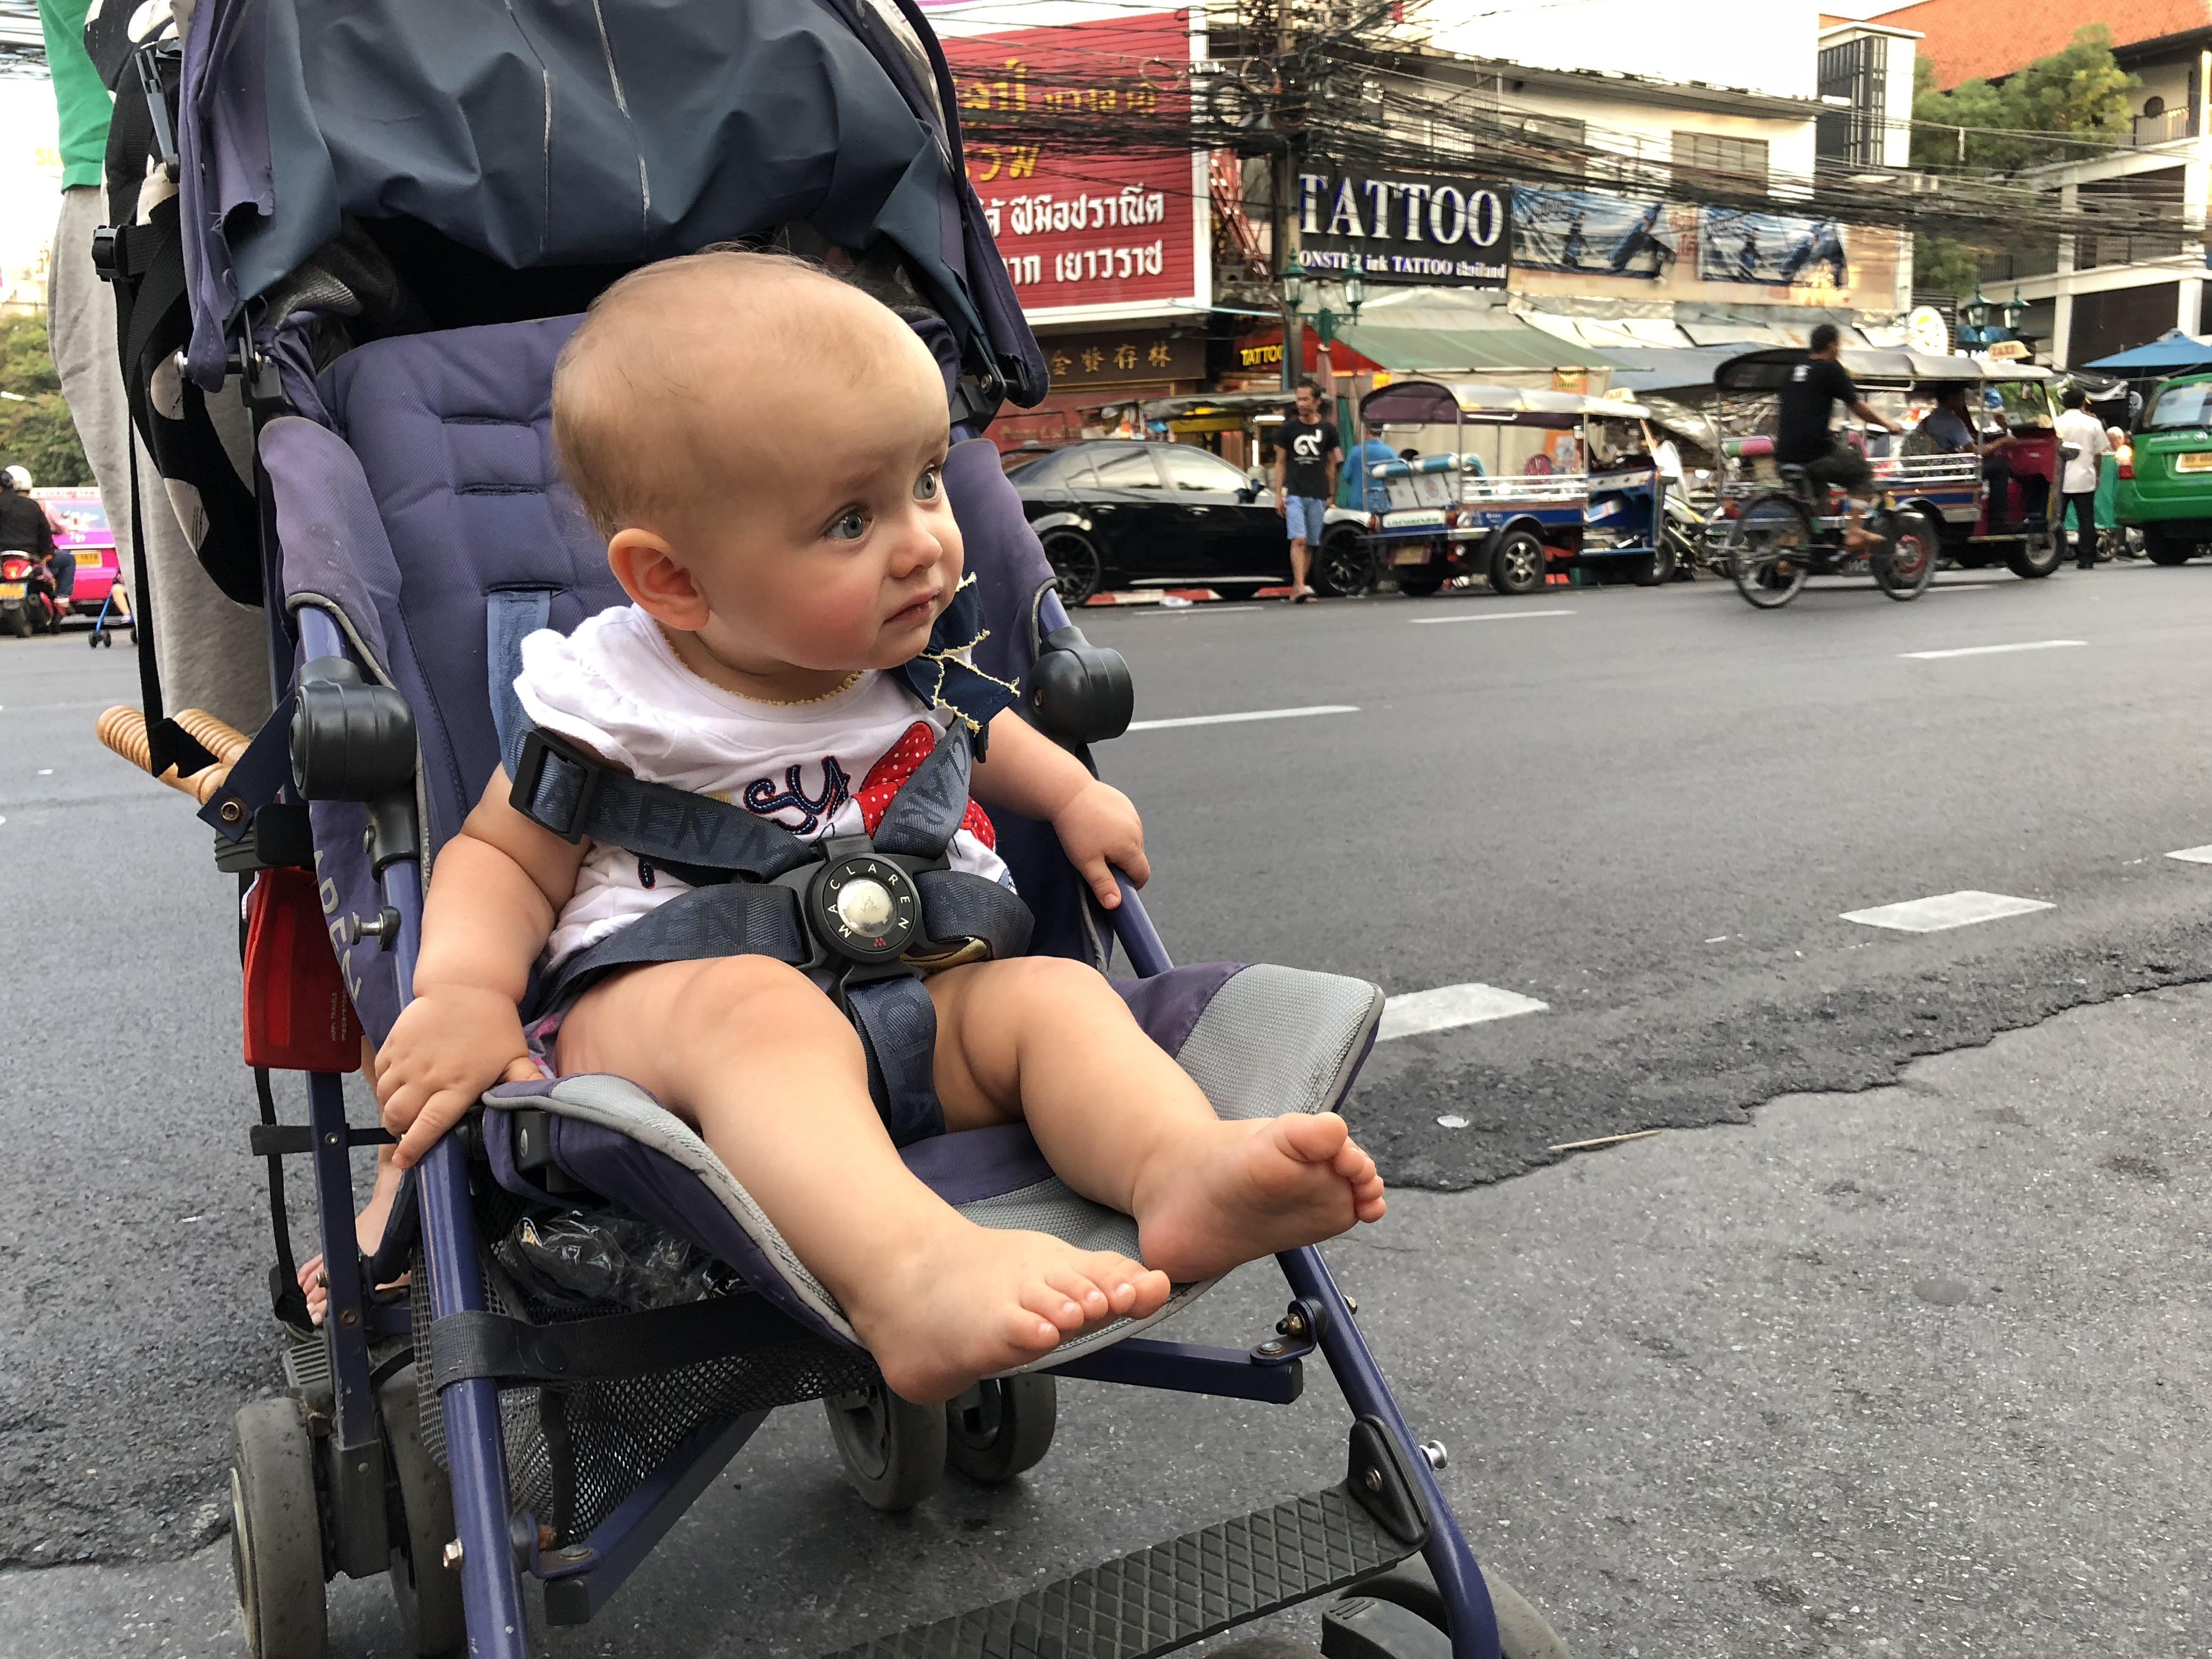 wózek, podróżowanie z dzieckiem, wózek na podróże